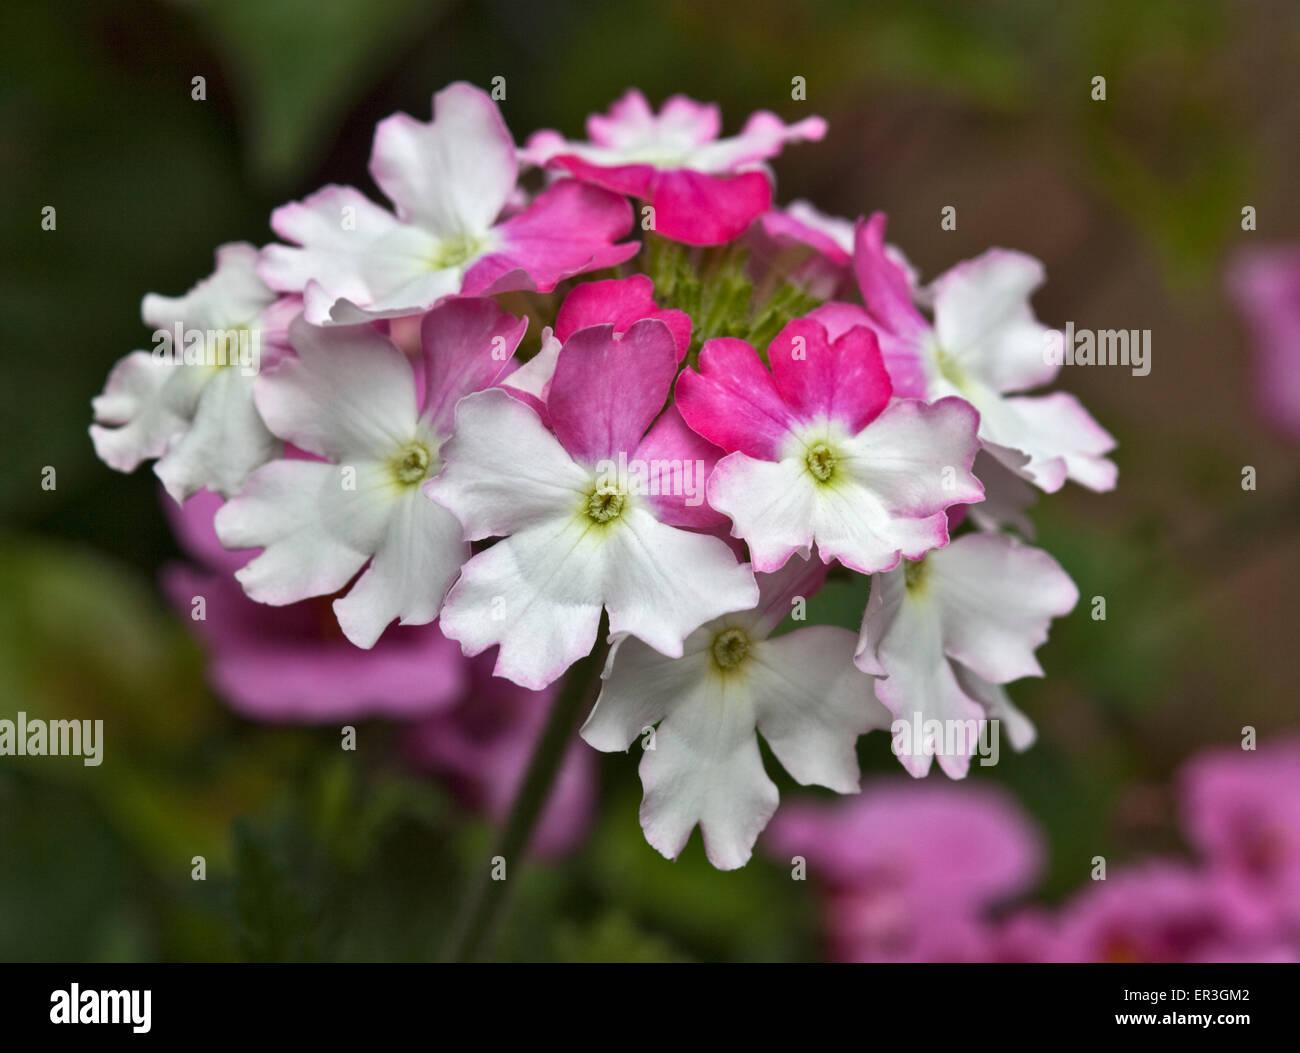 Verbena Lanai Pink Twist - Stock Image